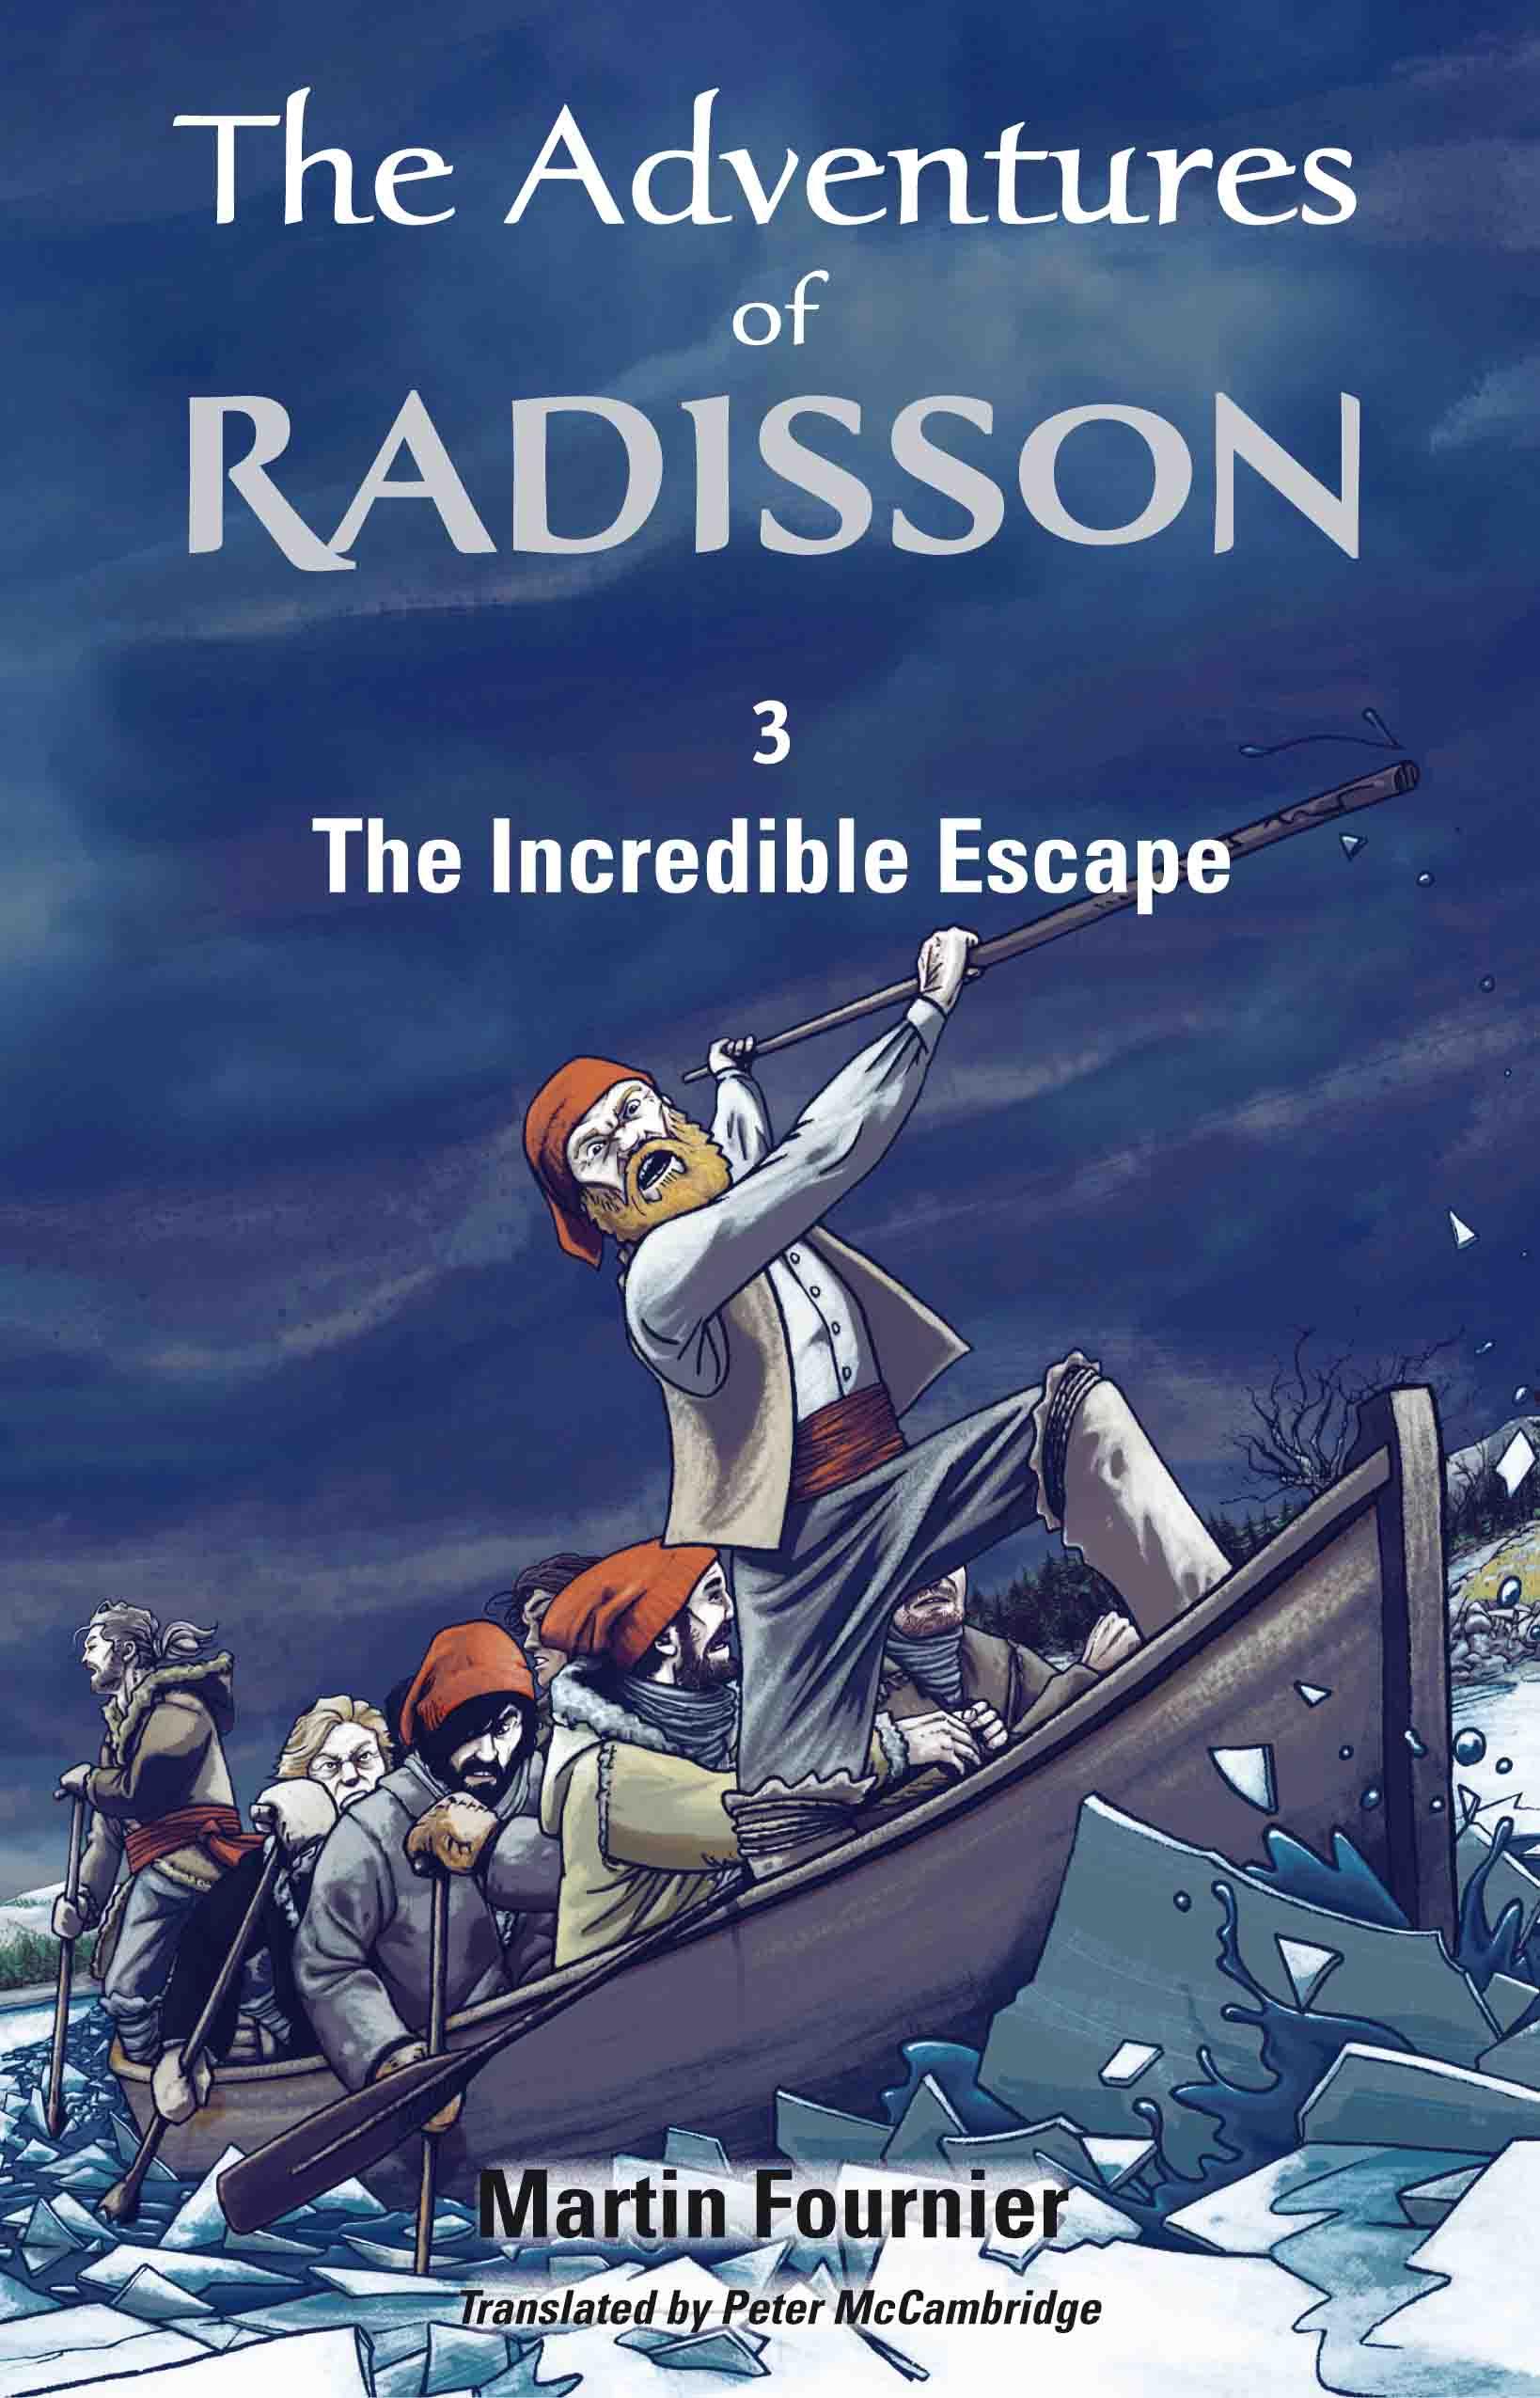 The Adventures of Radisson 3